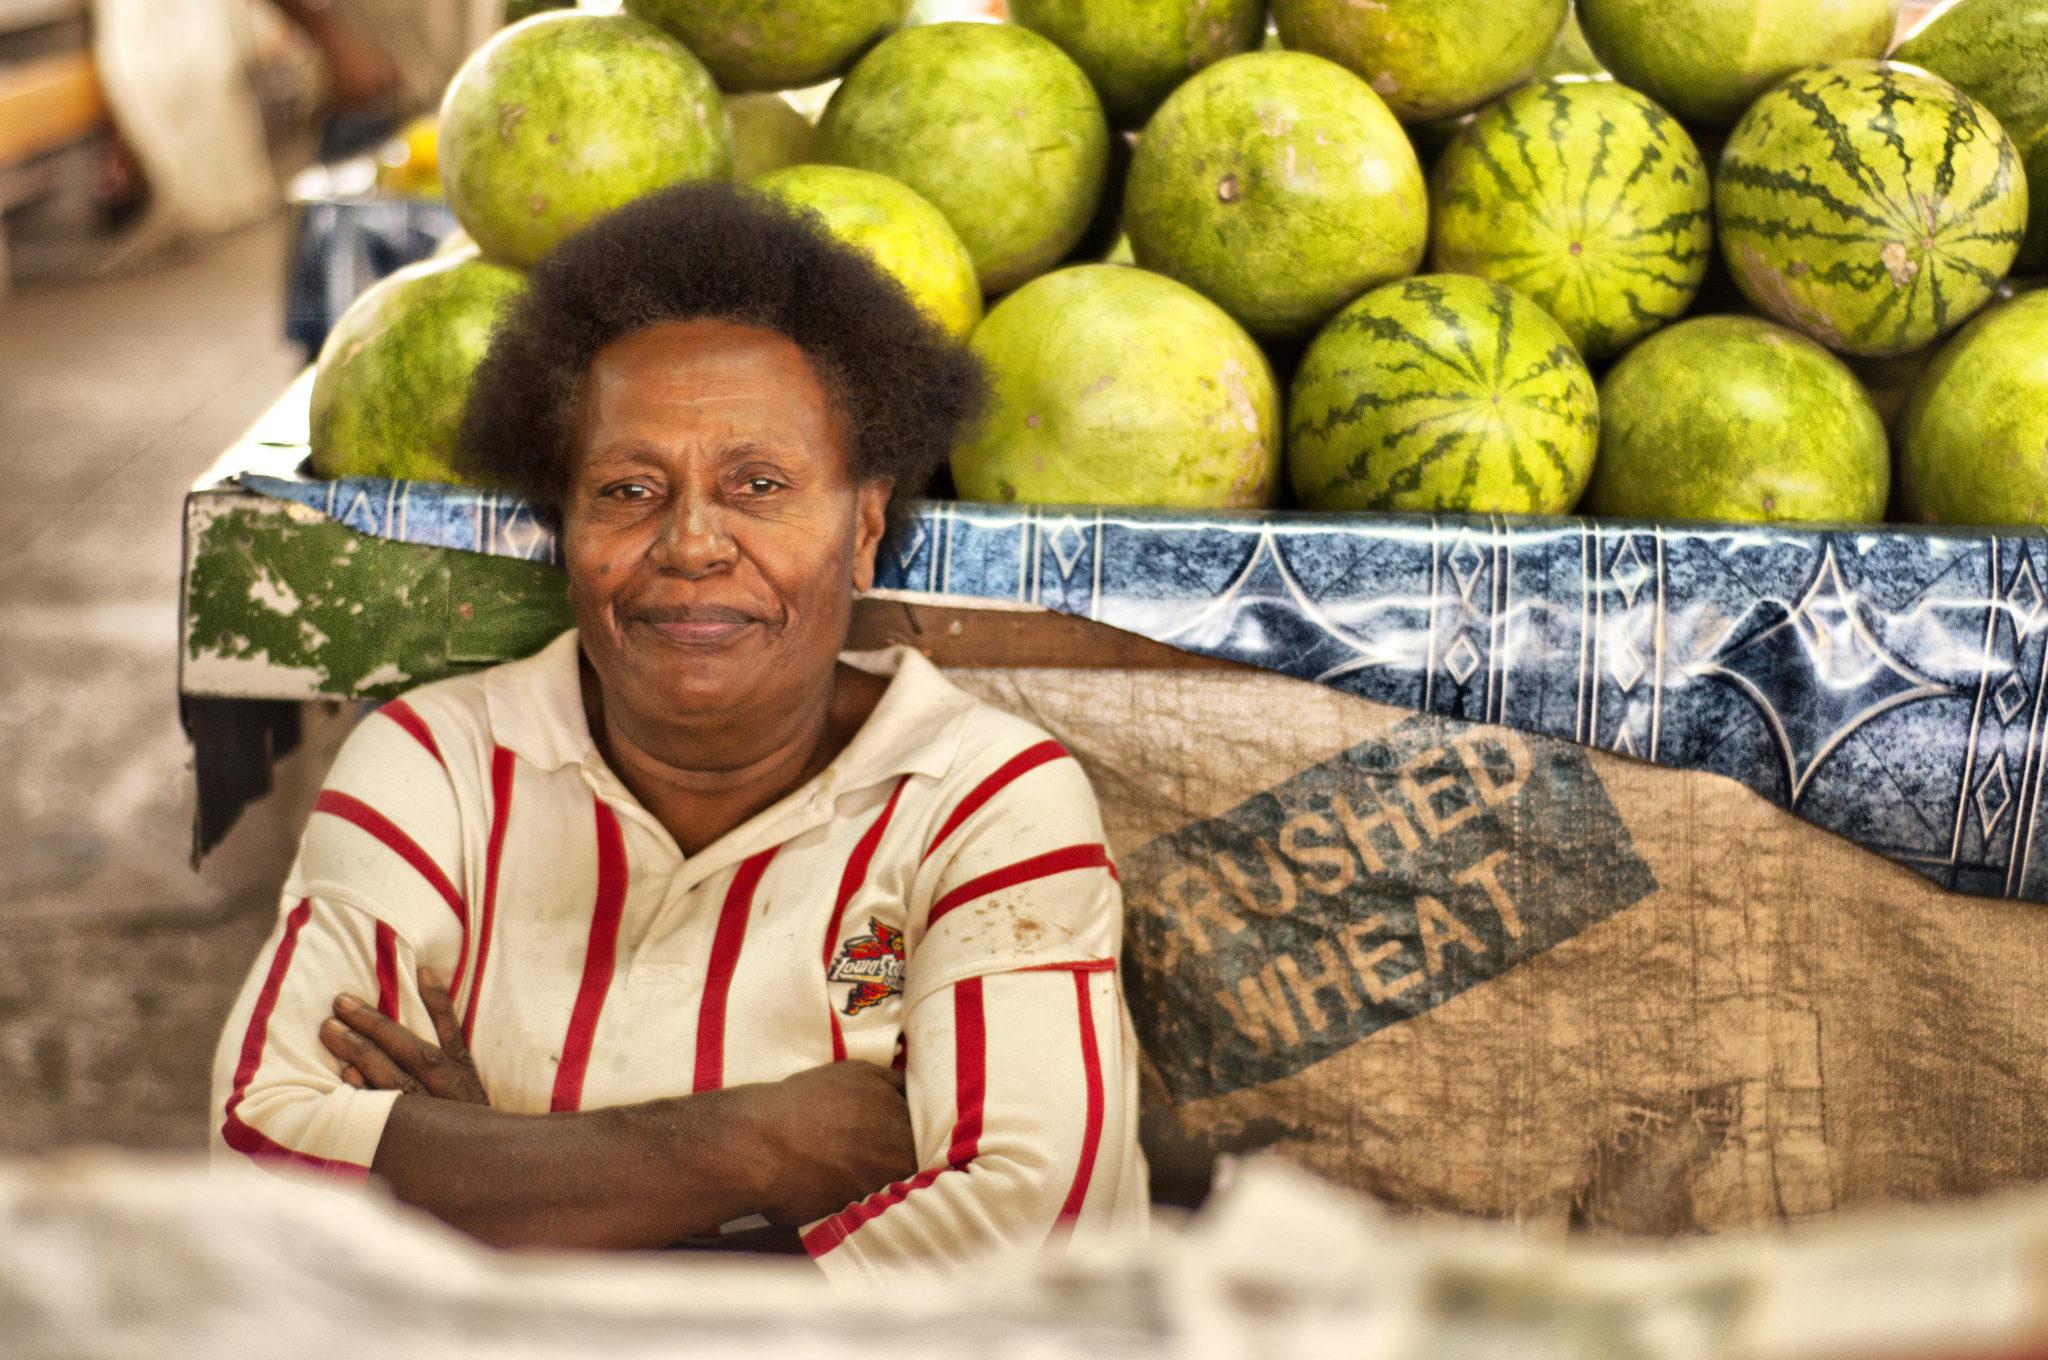 Fidschi-Reisetipps-Frau-mit-Melonen